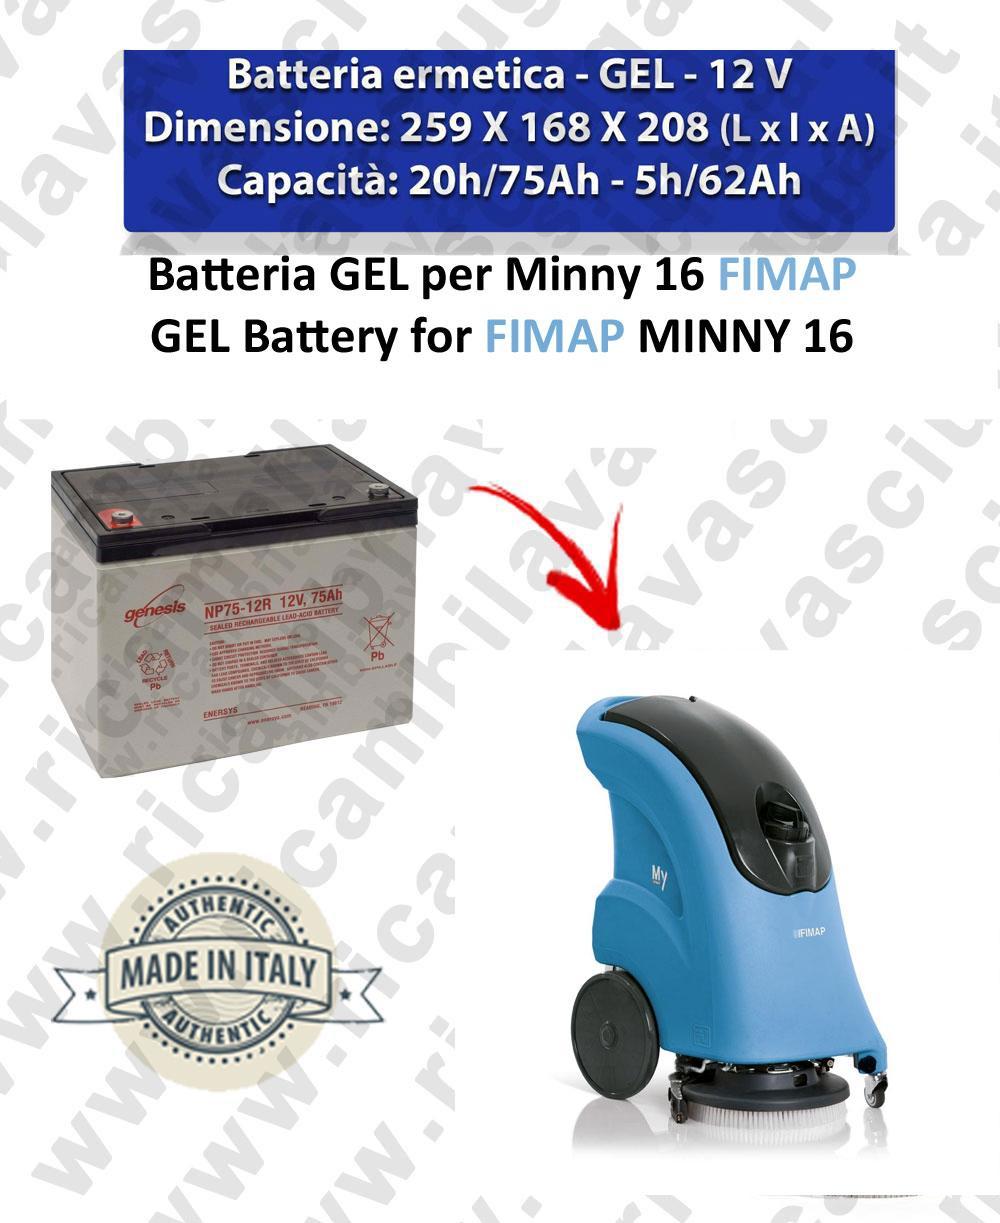 BATTERY GEL pour autolaveuses FIMAP MINNY 16